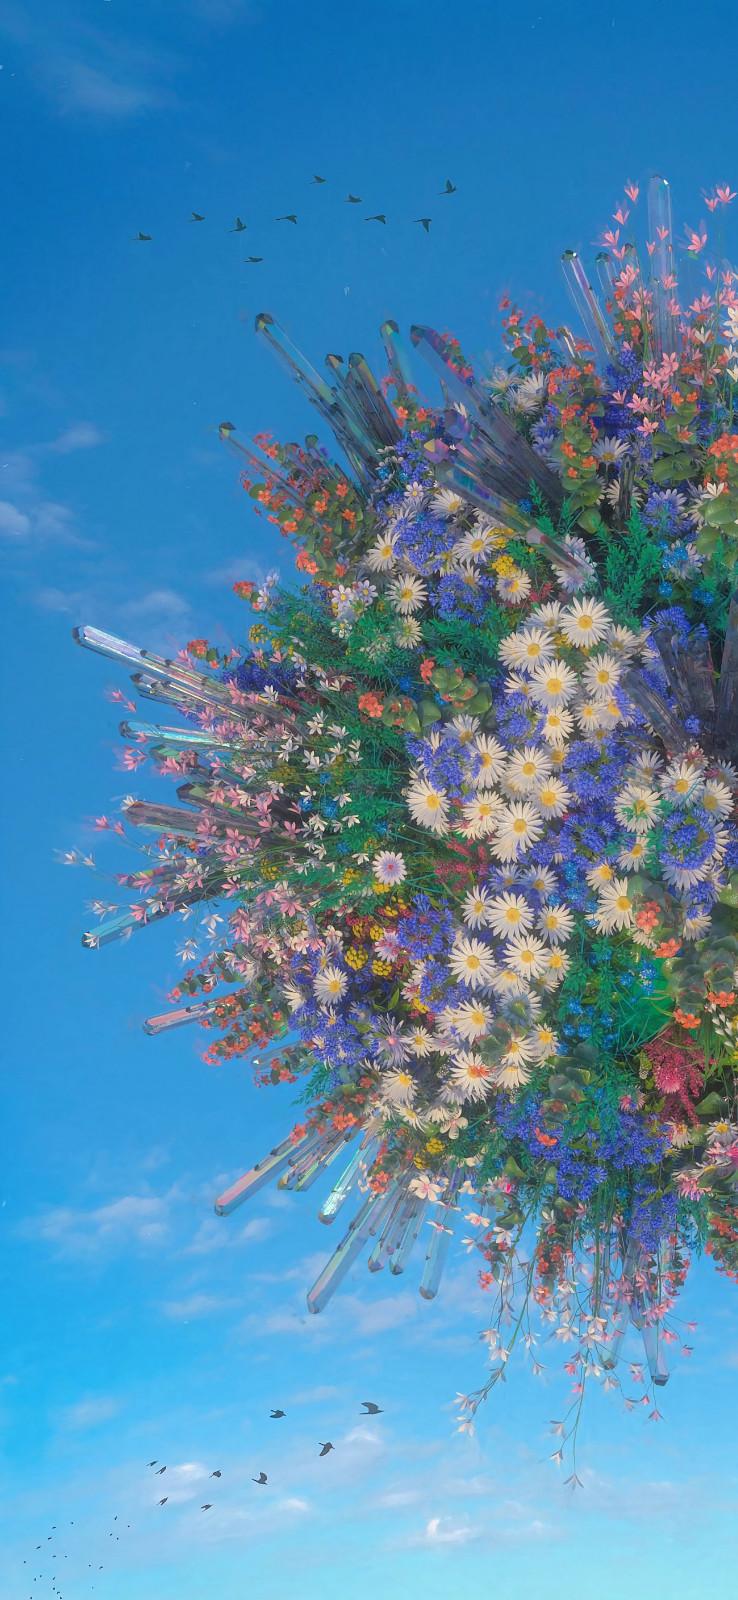 唯美好看有创意的花卉手机壁纸图片